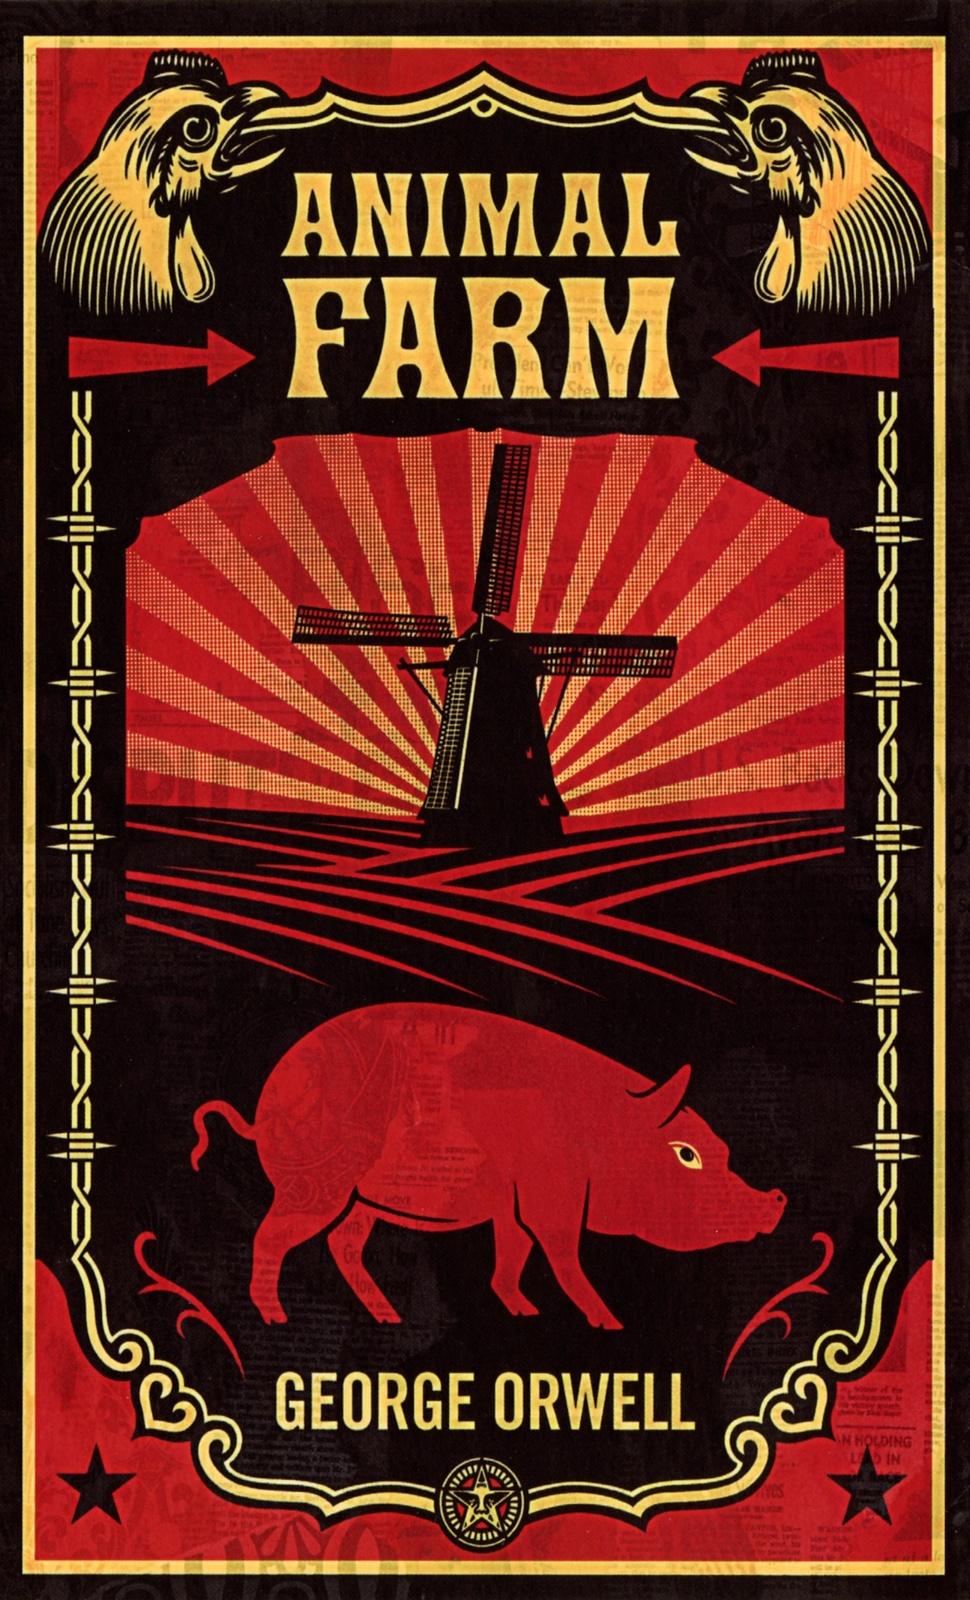 Animal Farm by George Orwell image